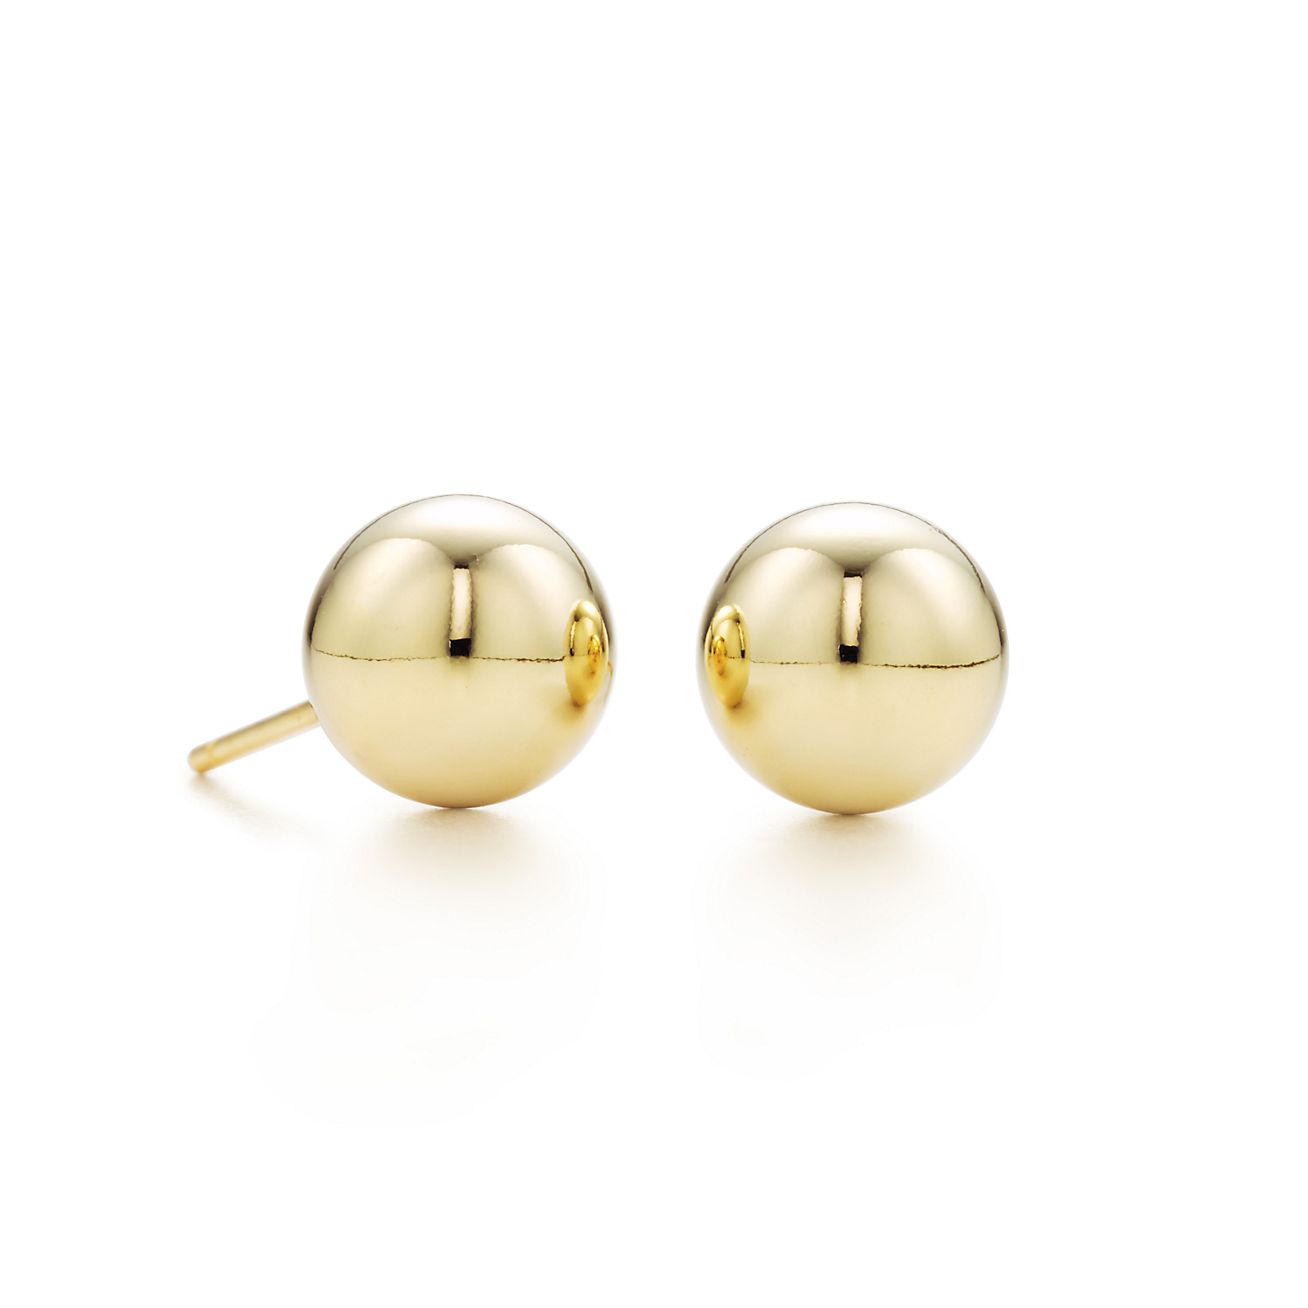 Tiffany HardWear ball earrings in 18k gold. | Tiffany & Co.